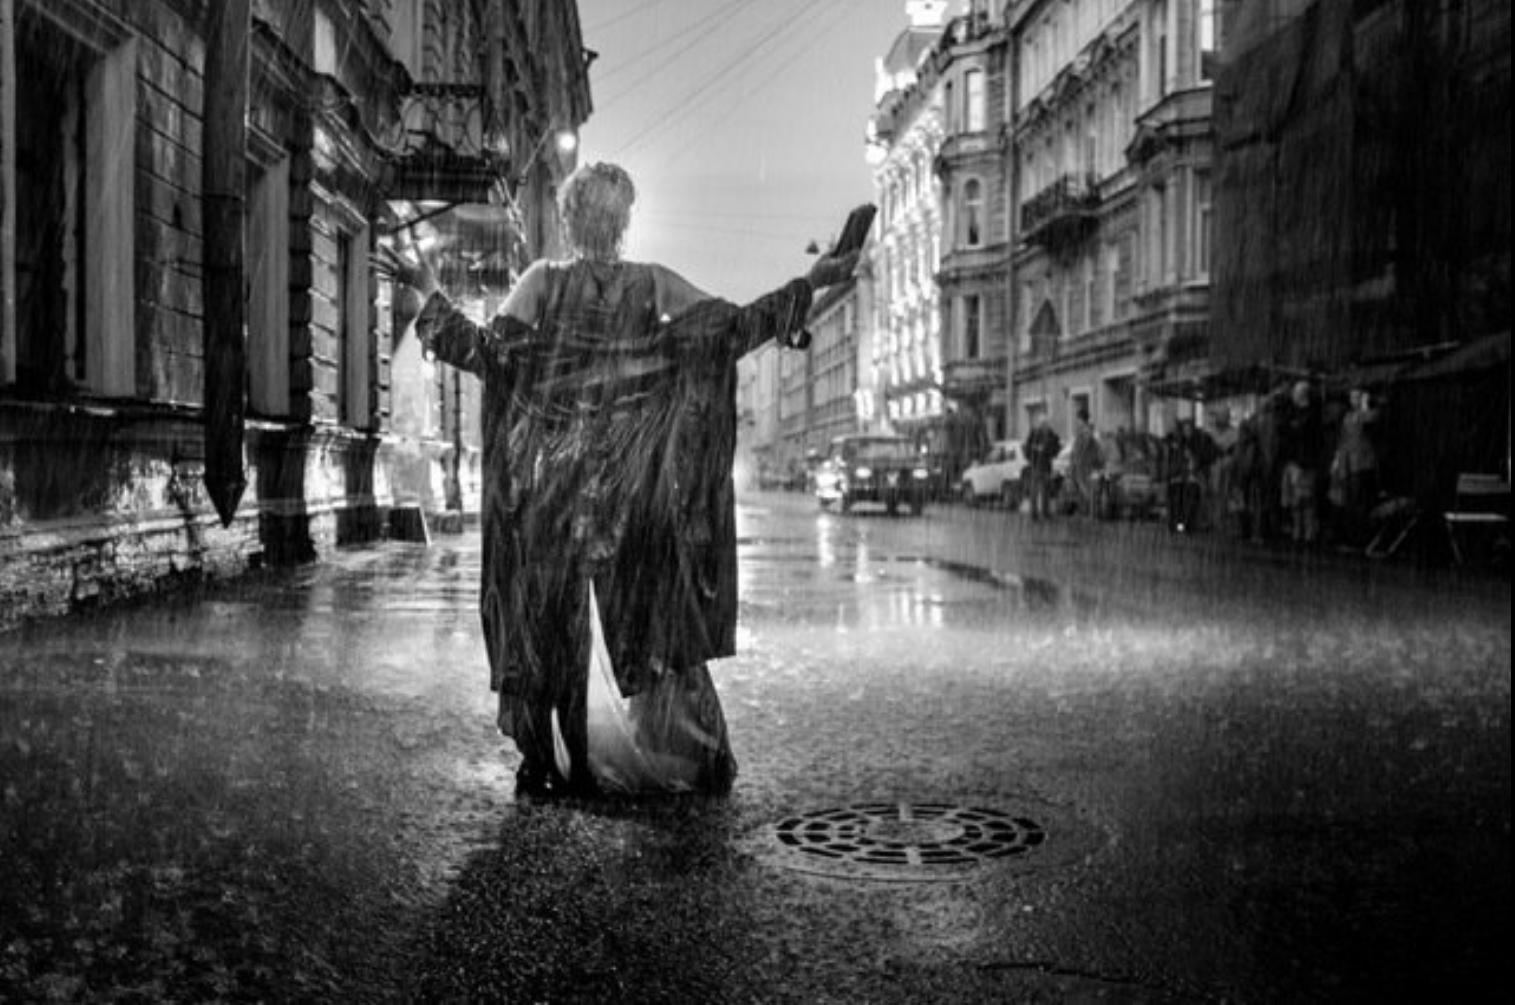 雨中歌唱的场景